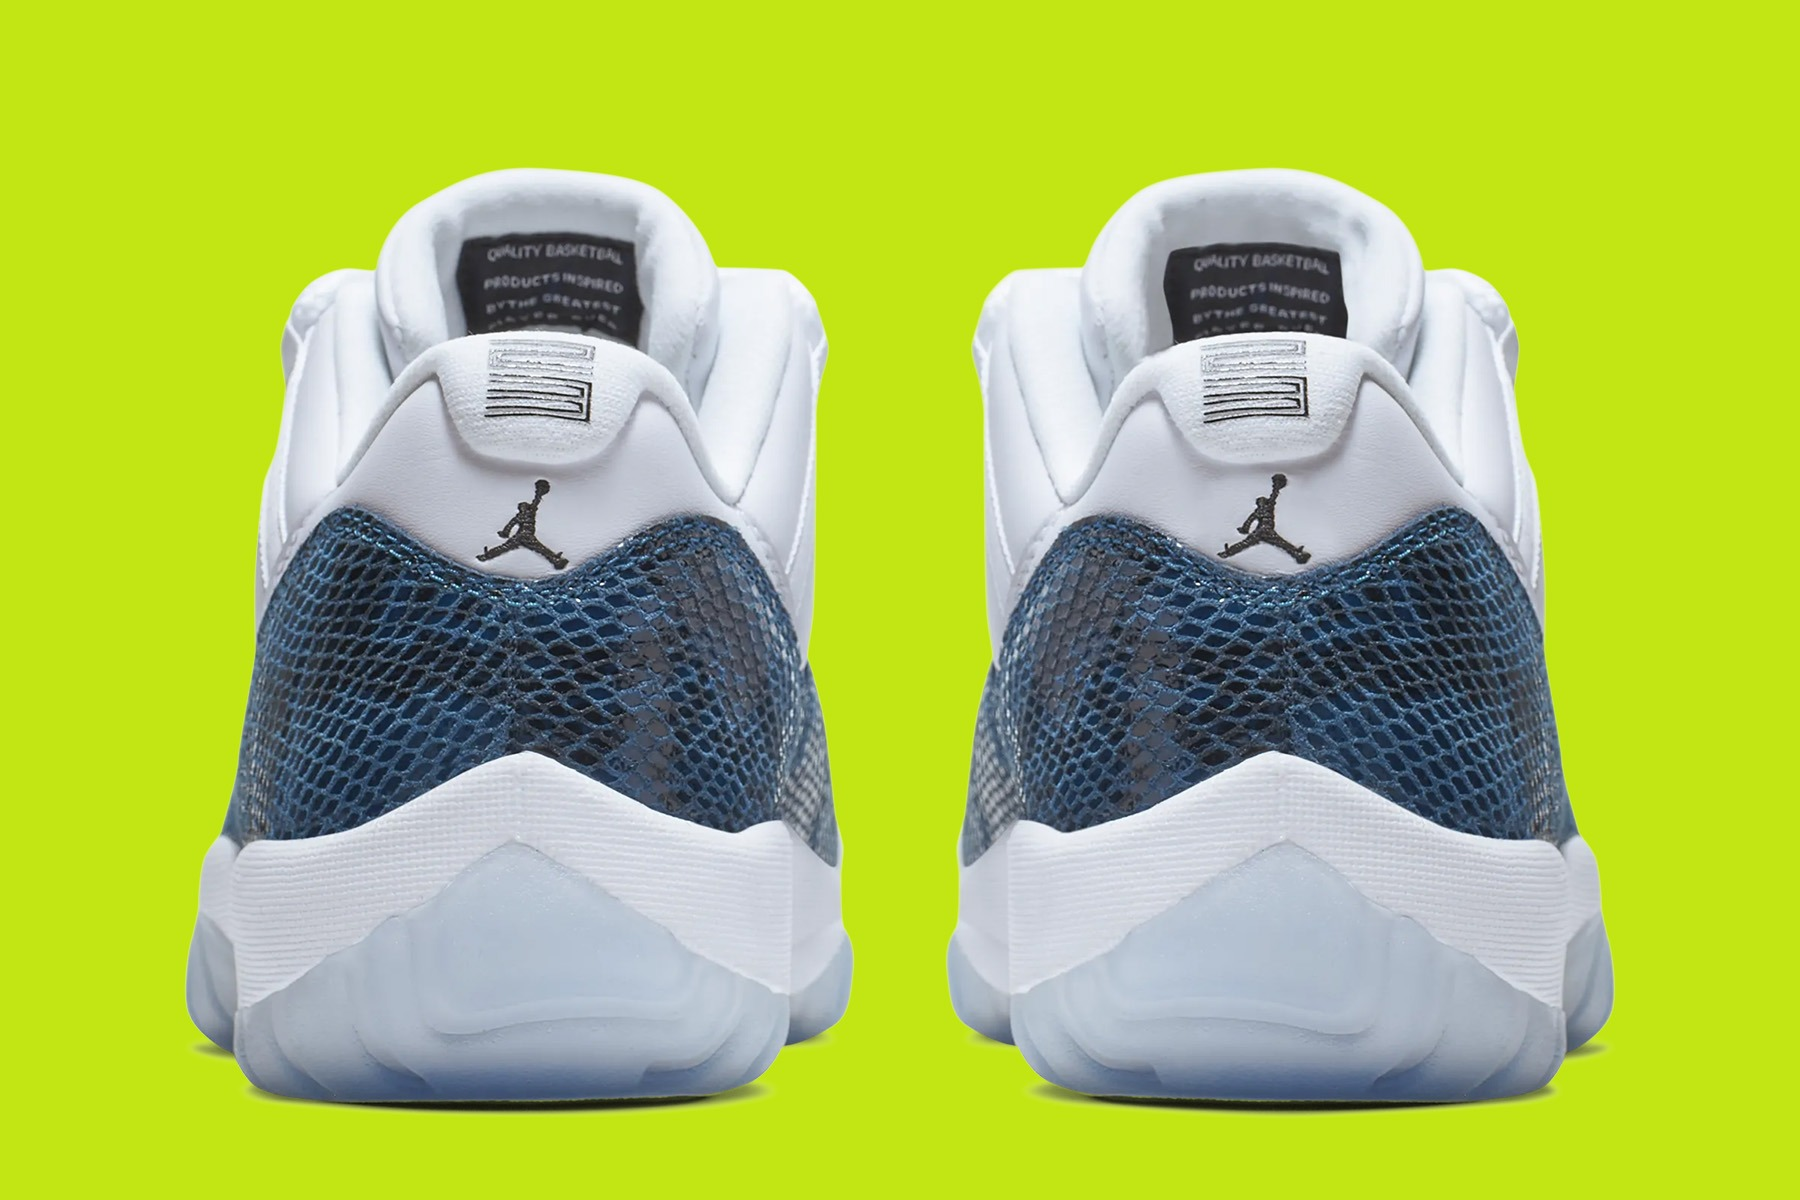 5d2b28900b9d59 Air Jordan 11 Low